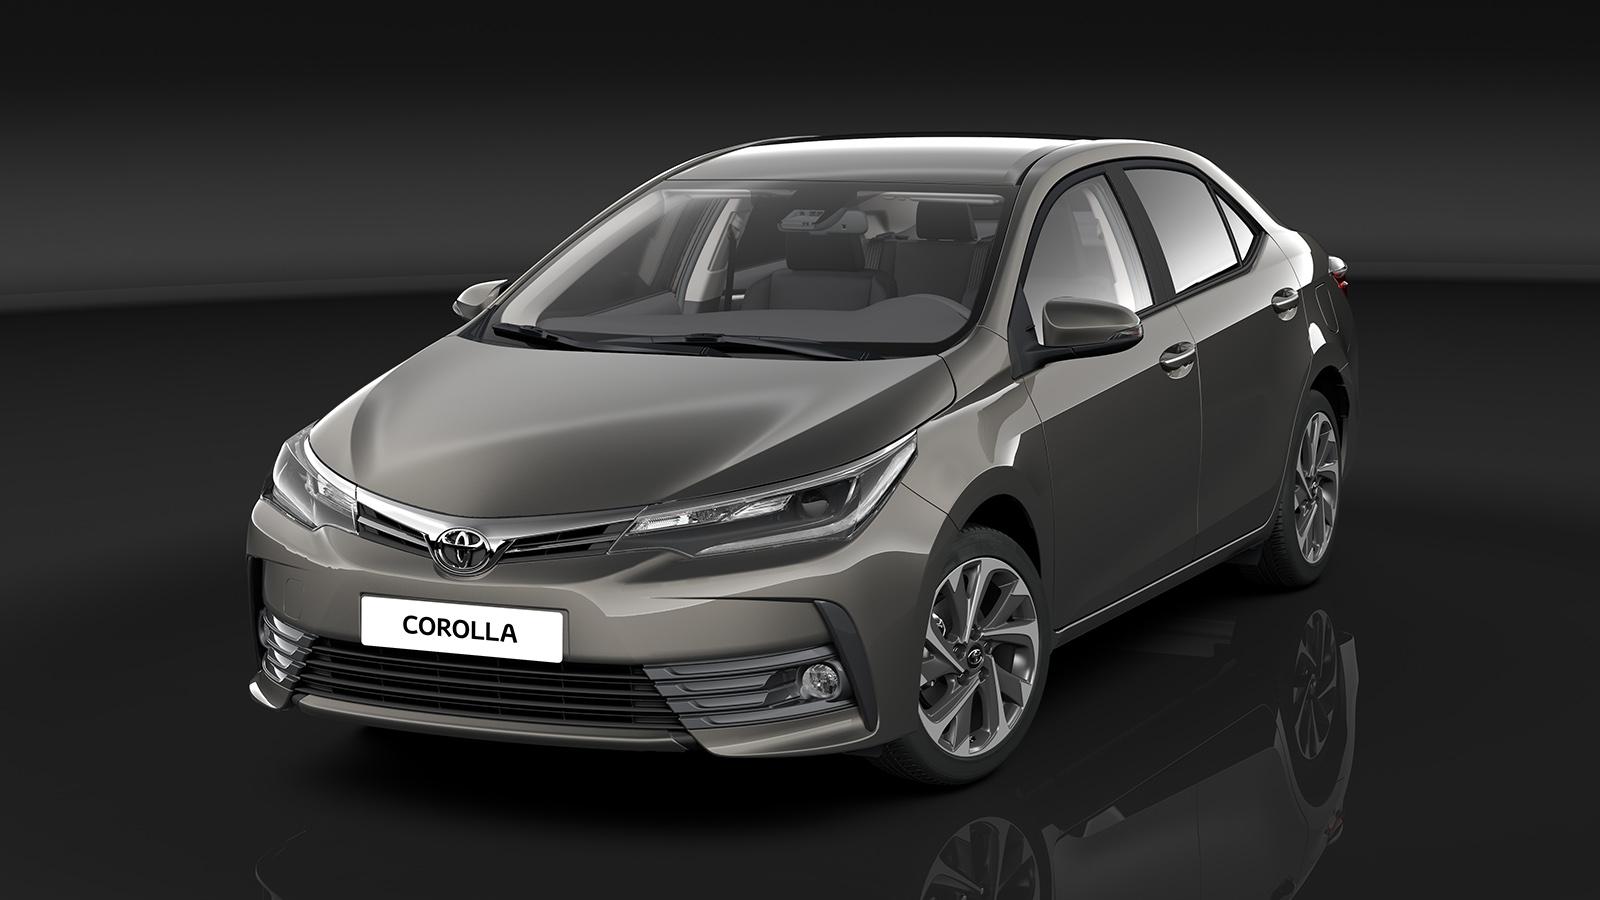 Kekurangan Nova Toyota Corolla Perbandingan Harga